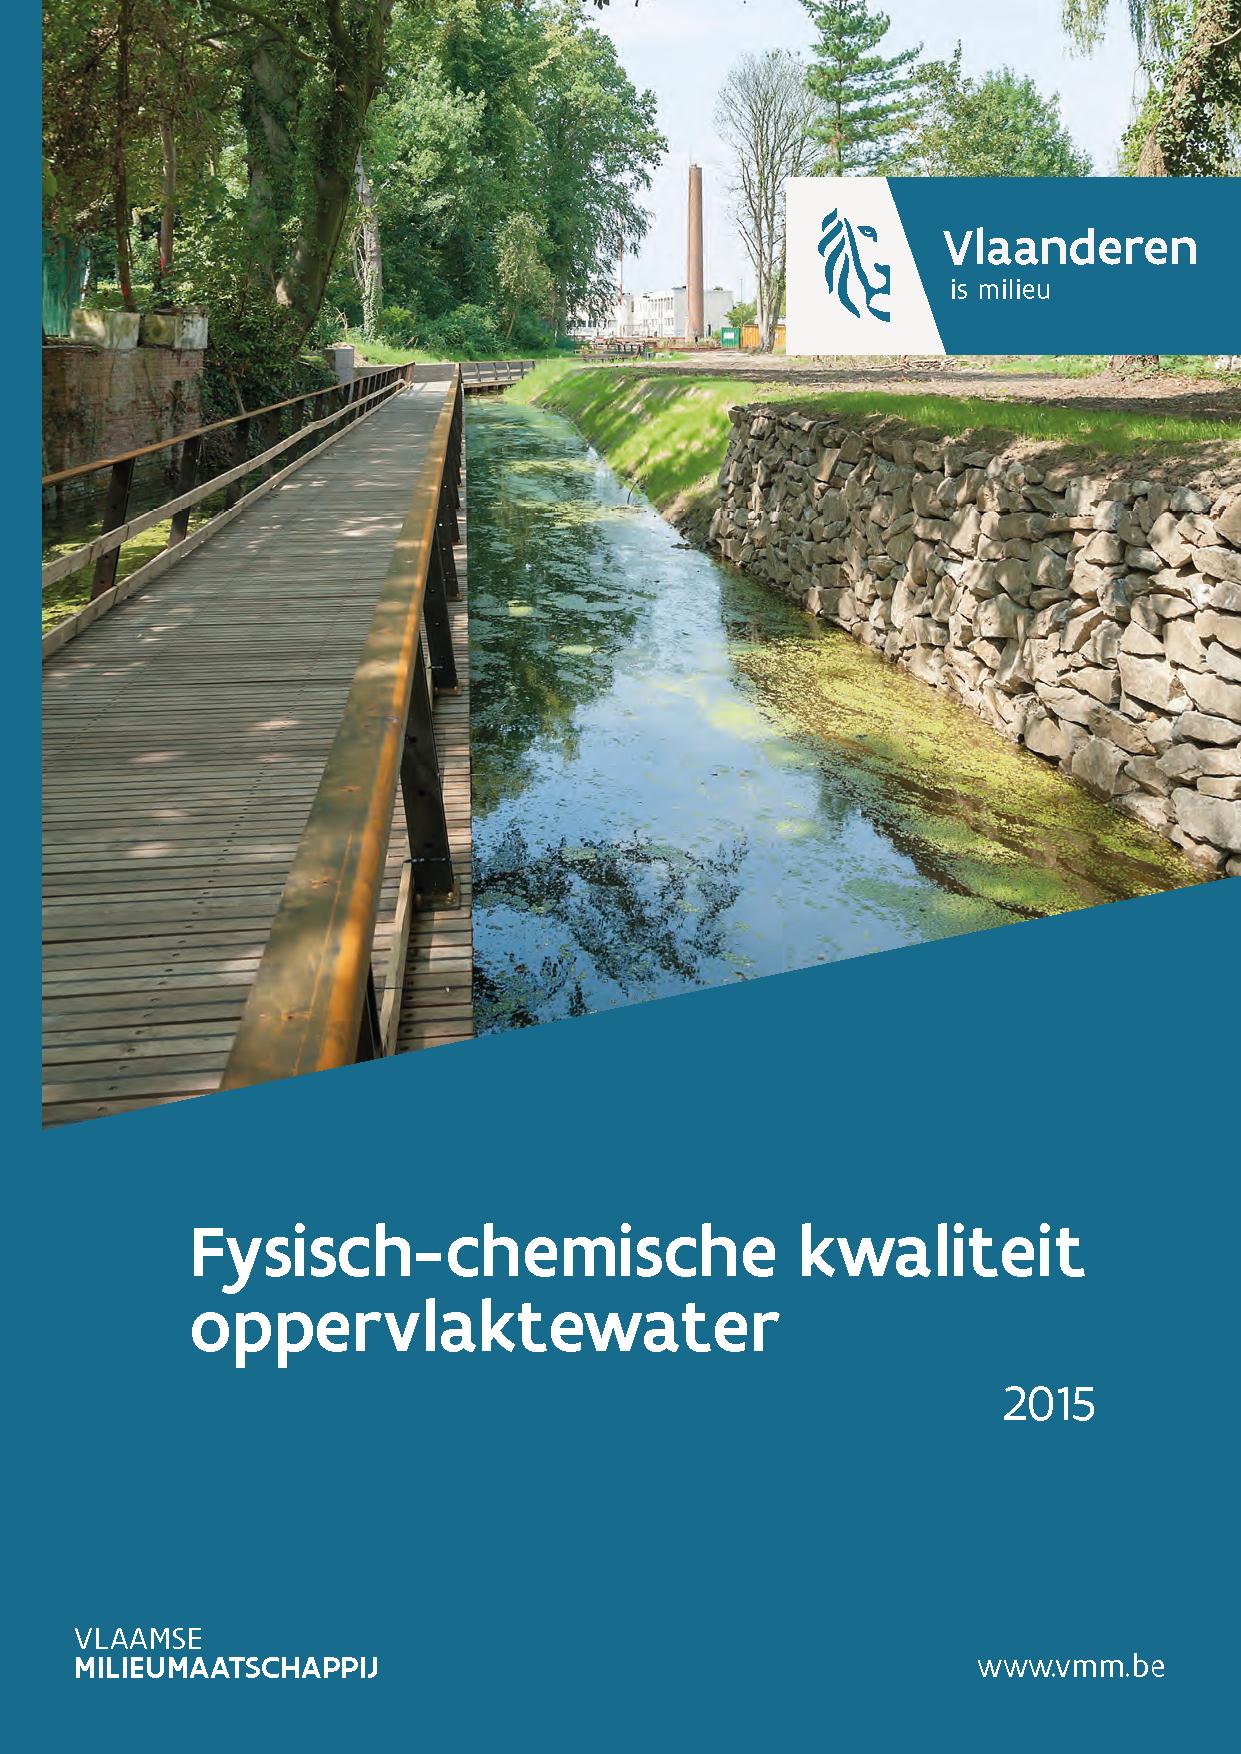 Cover rapport fysisch-chemische kwaliteit waterlopen